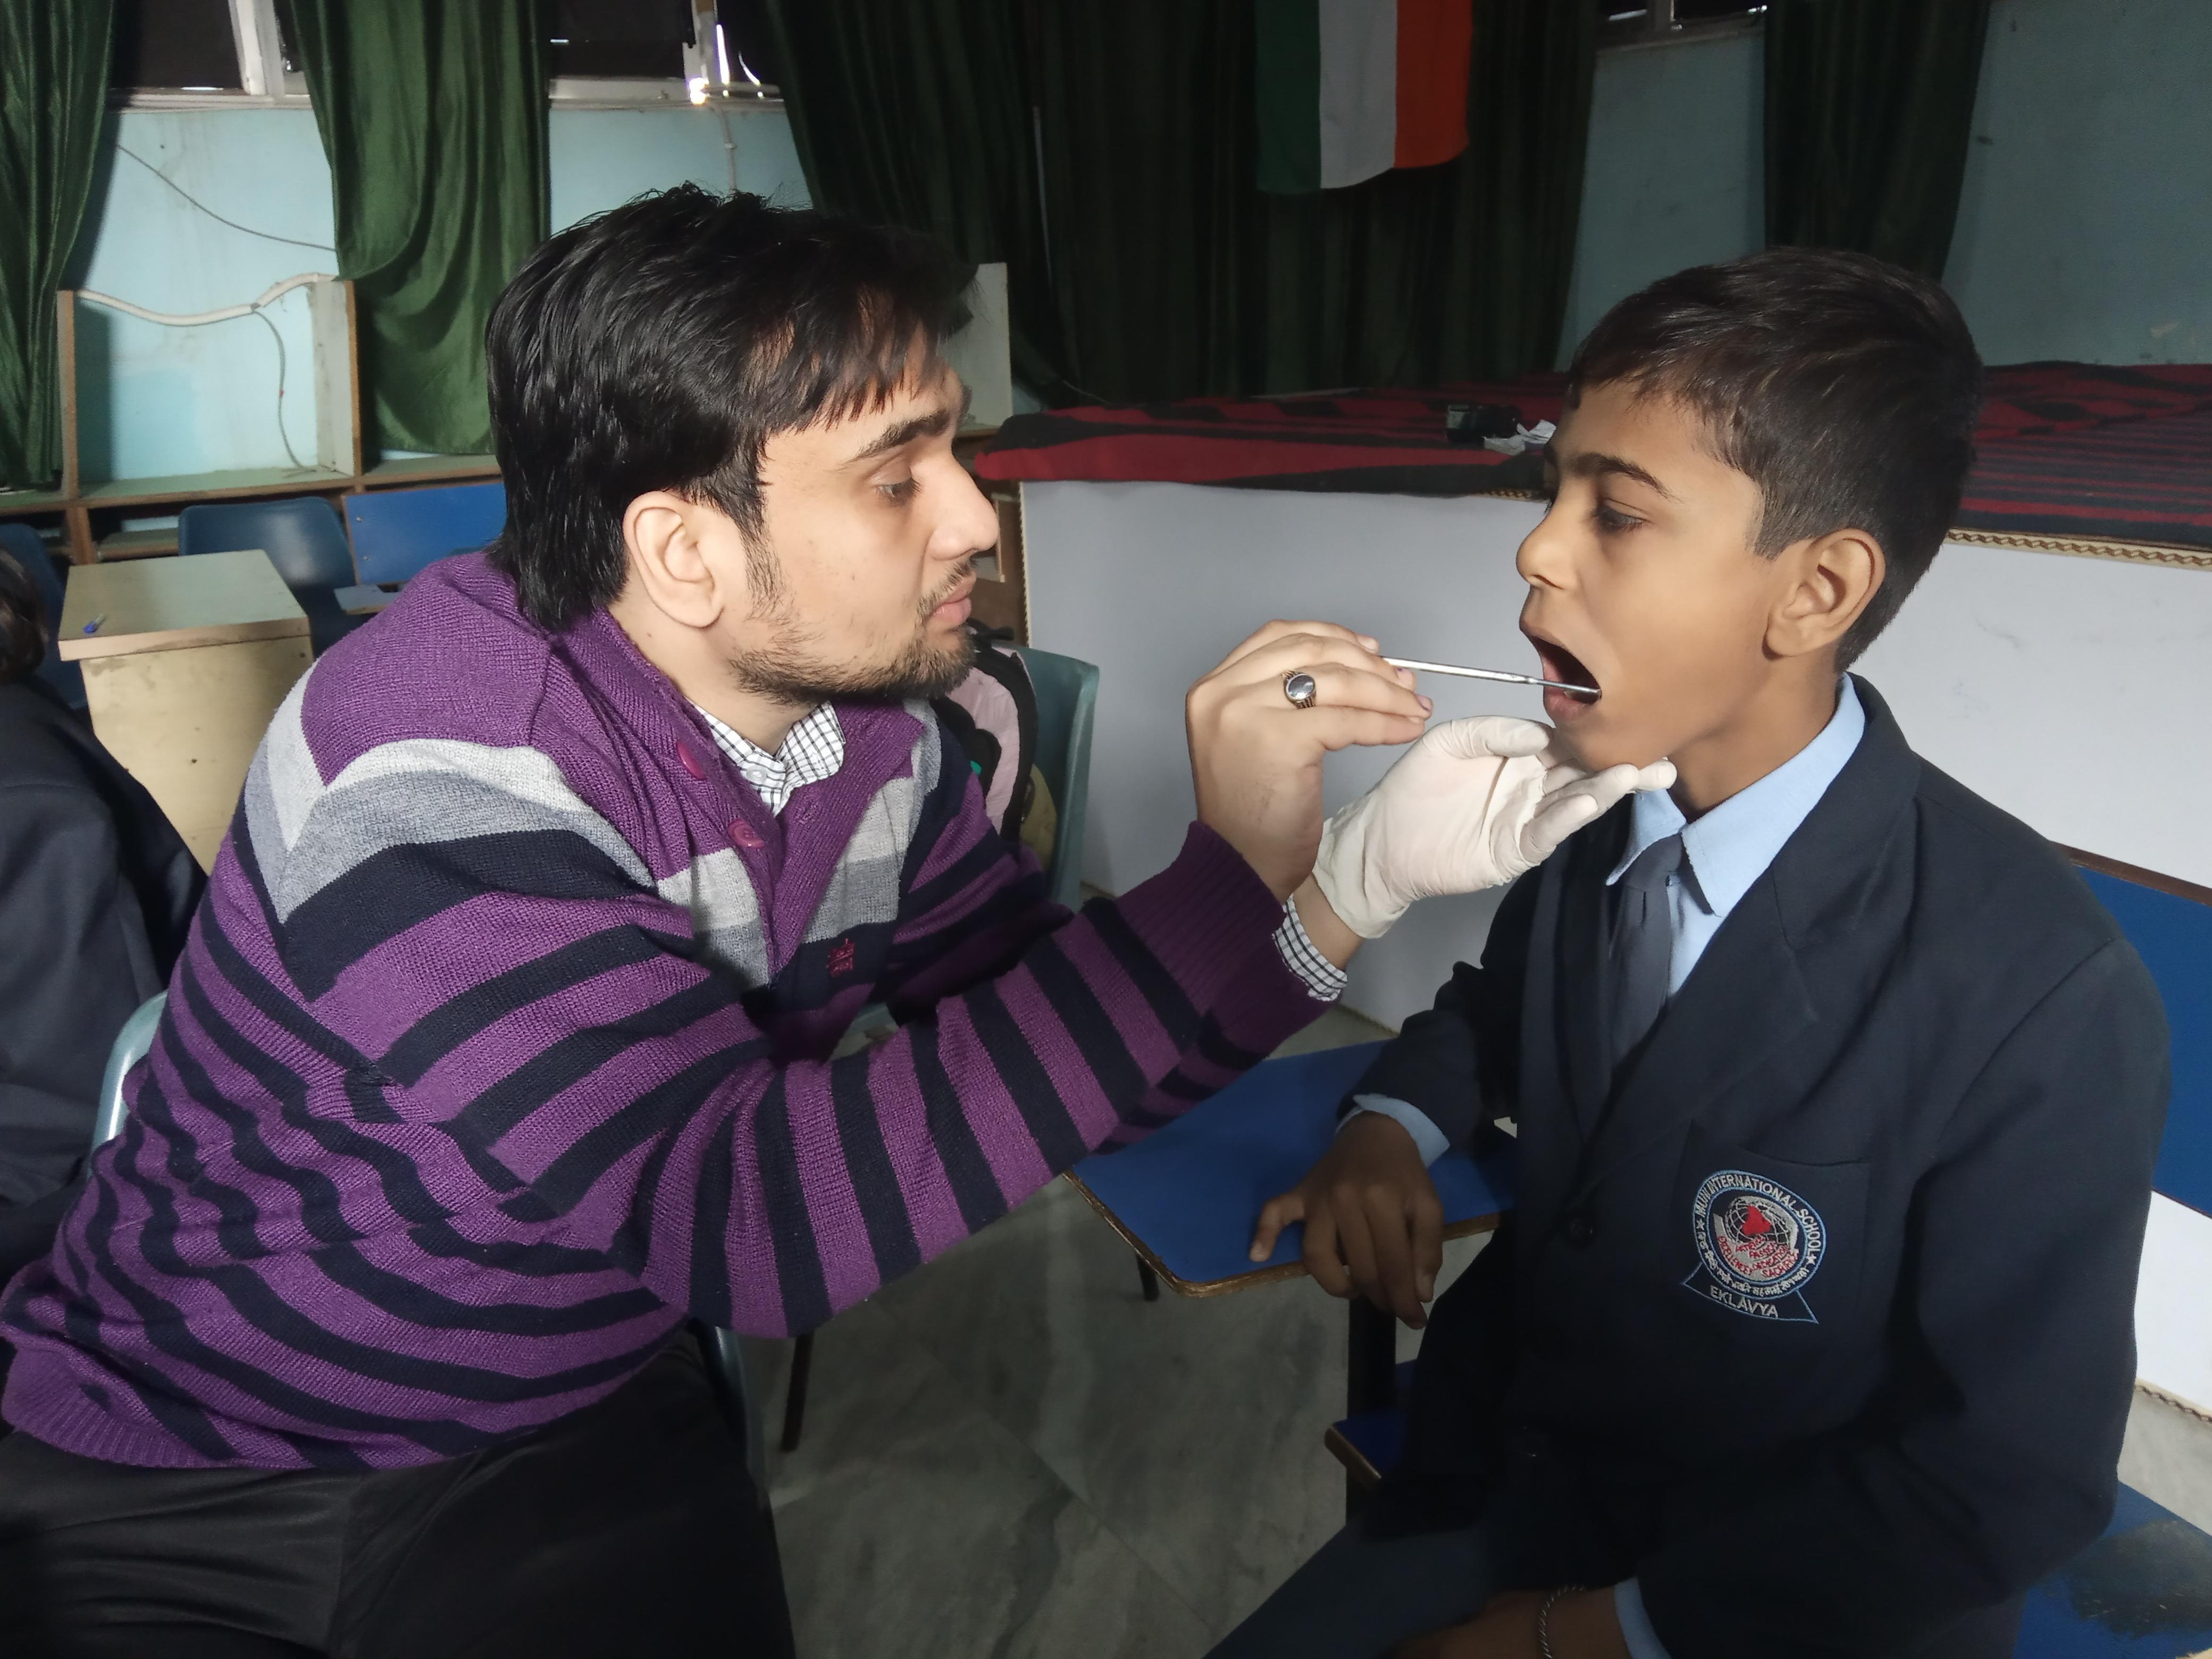 मुनि स्कूल में हुई छात्रों के  दांतों की जांच